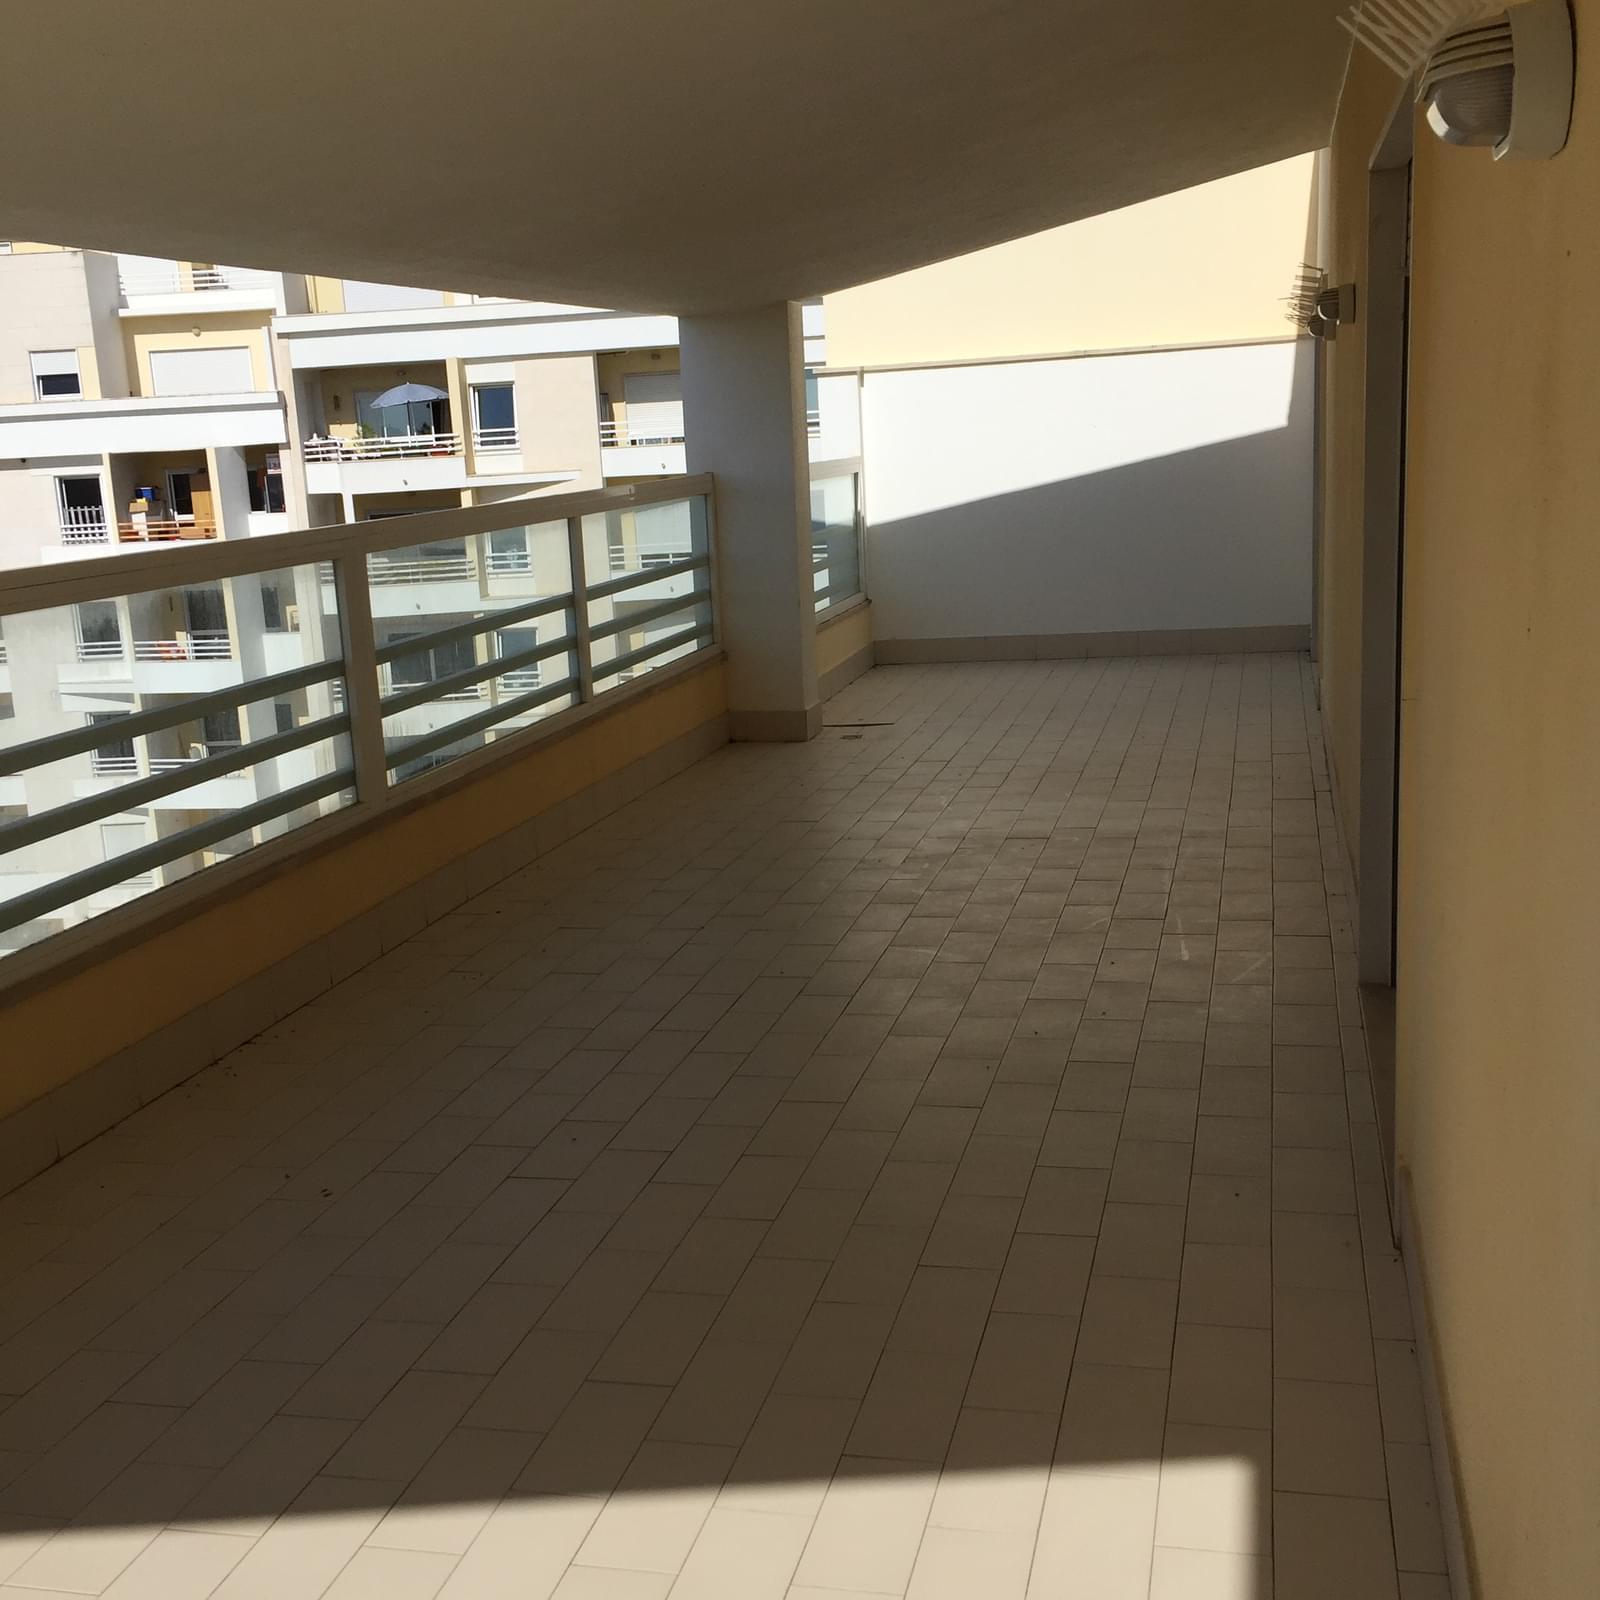 pf18450-apartamento-t3-cascais-304bbd0a-cf01-4658-a0c6-35bdcca739ae